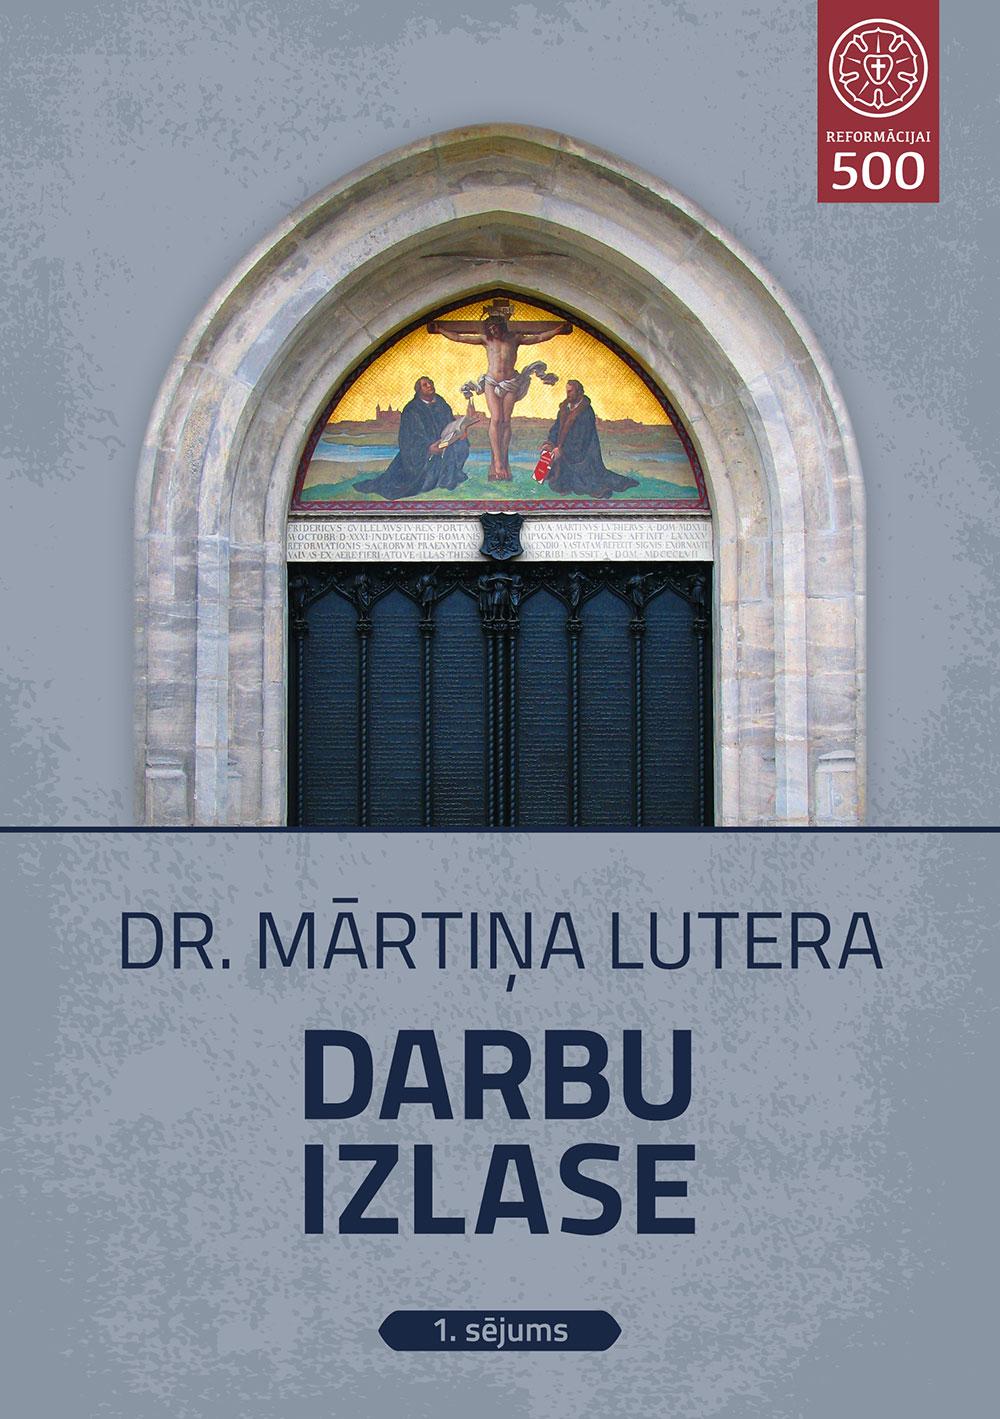 Dr. Mārtiņa Lutera darbu izlase, 1. sējums